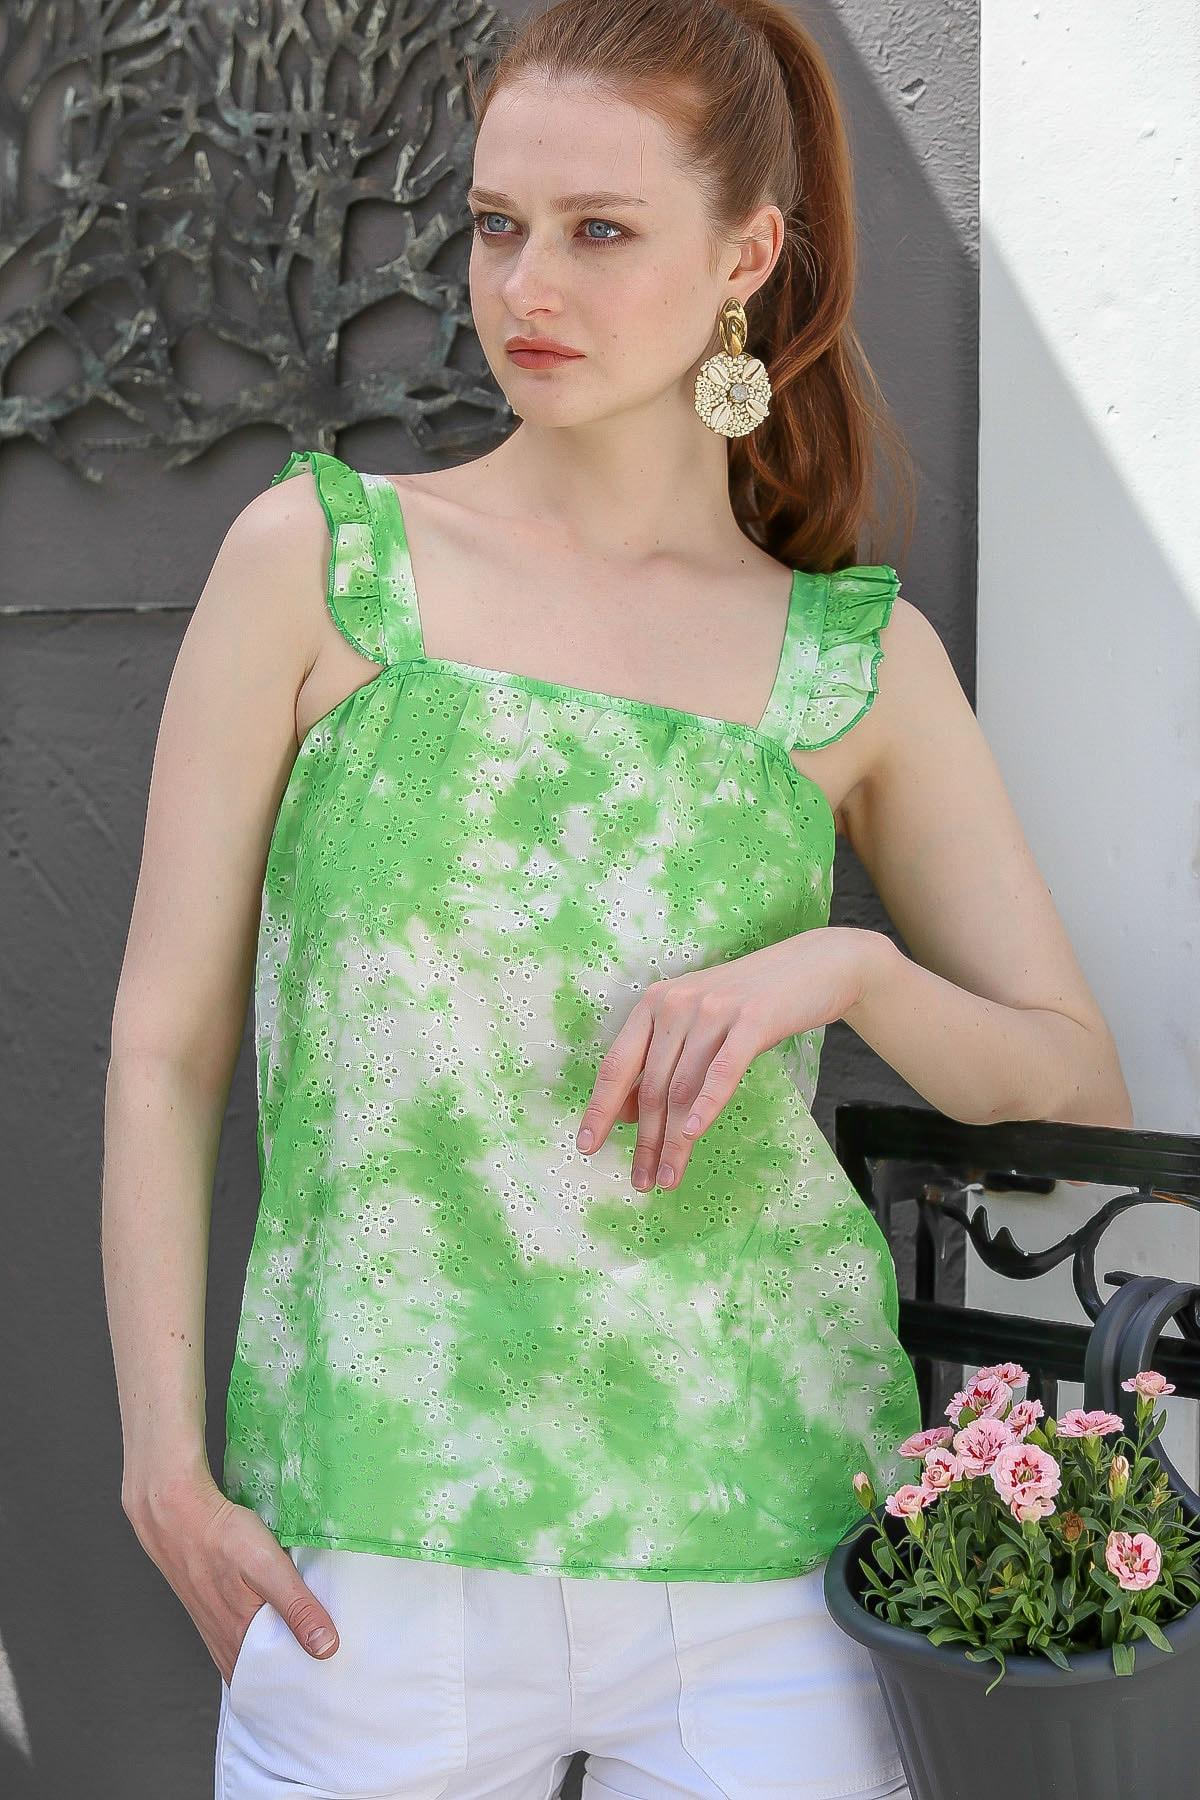 Chiccy Kadın Yeşil Fırfır Askılı Batik Desenli Fisto Dokuma Bluz M10010200Bl95194